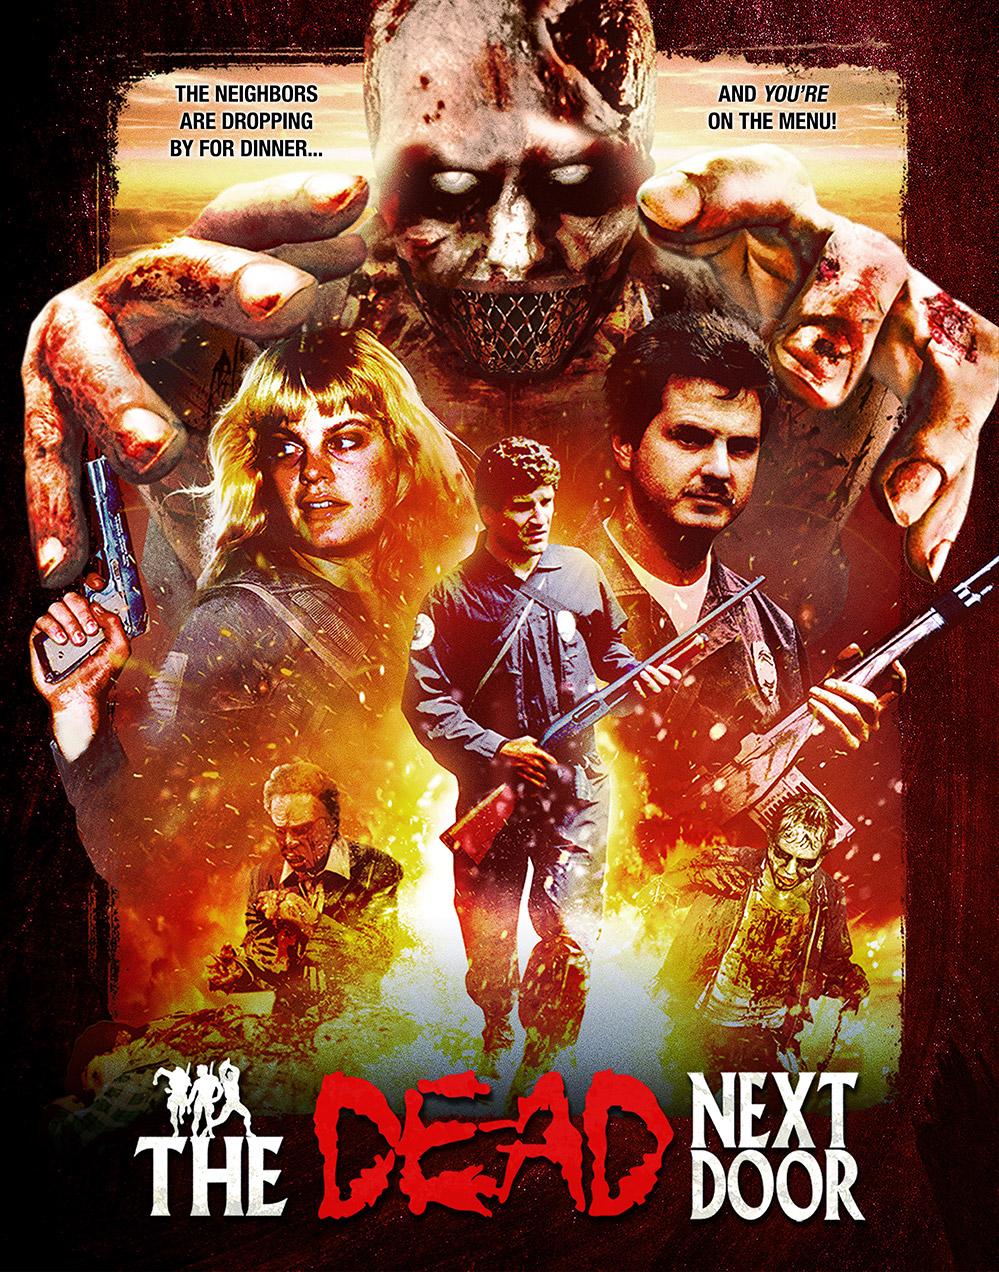 Poster for The Dead Next Door